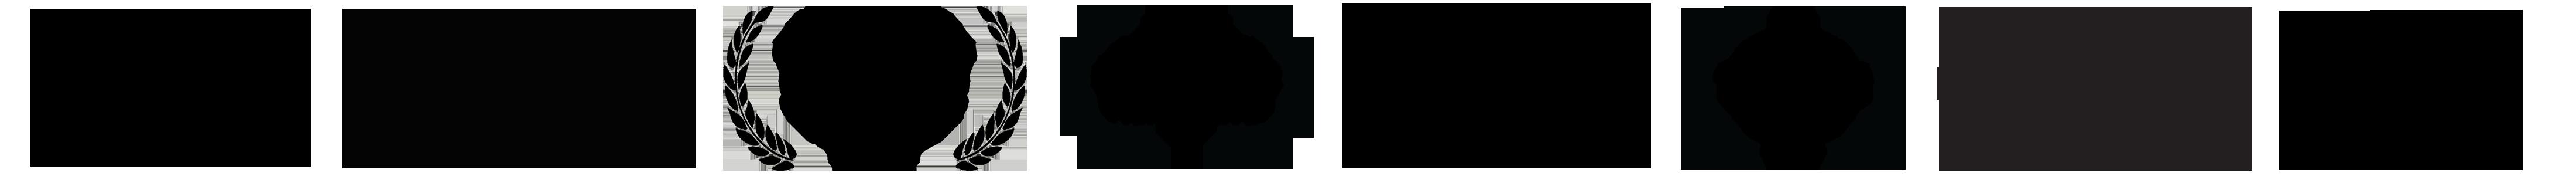 Film Fests for website